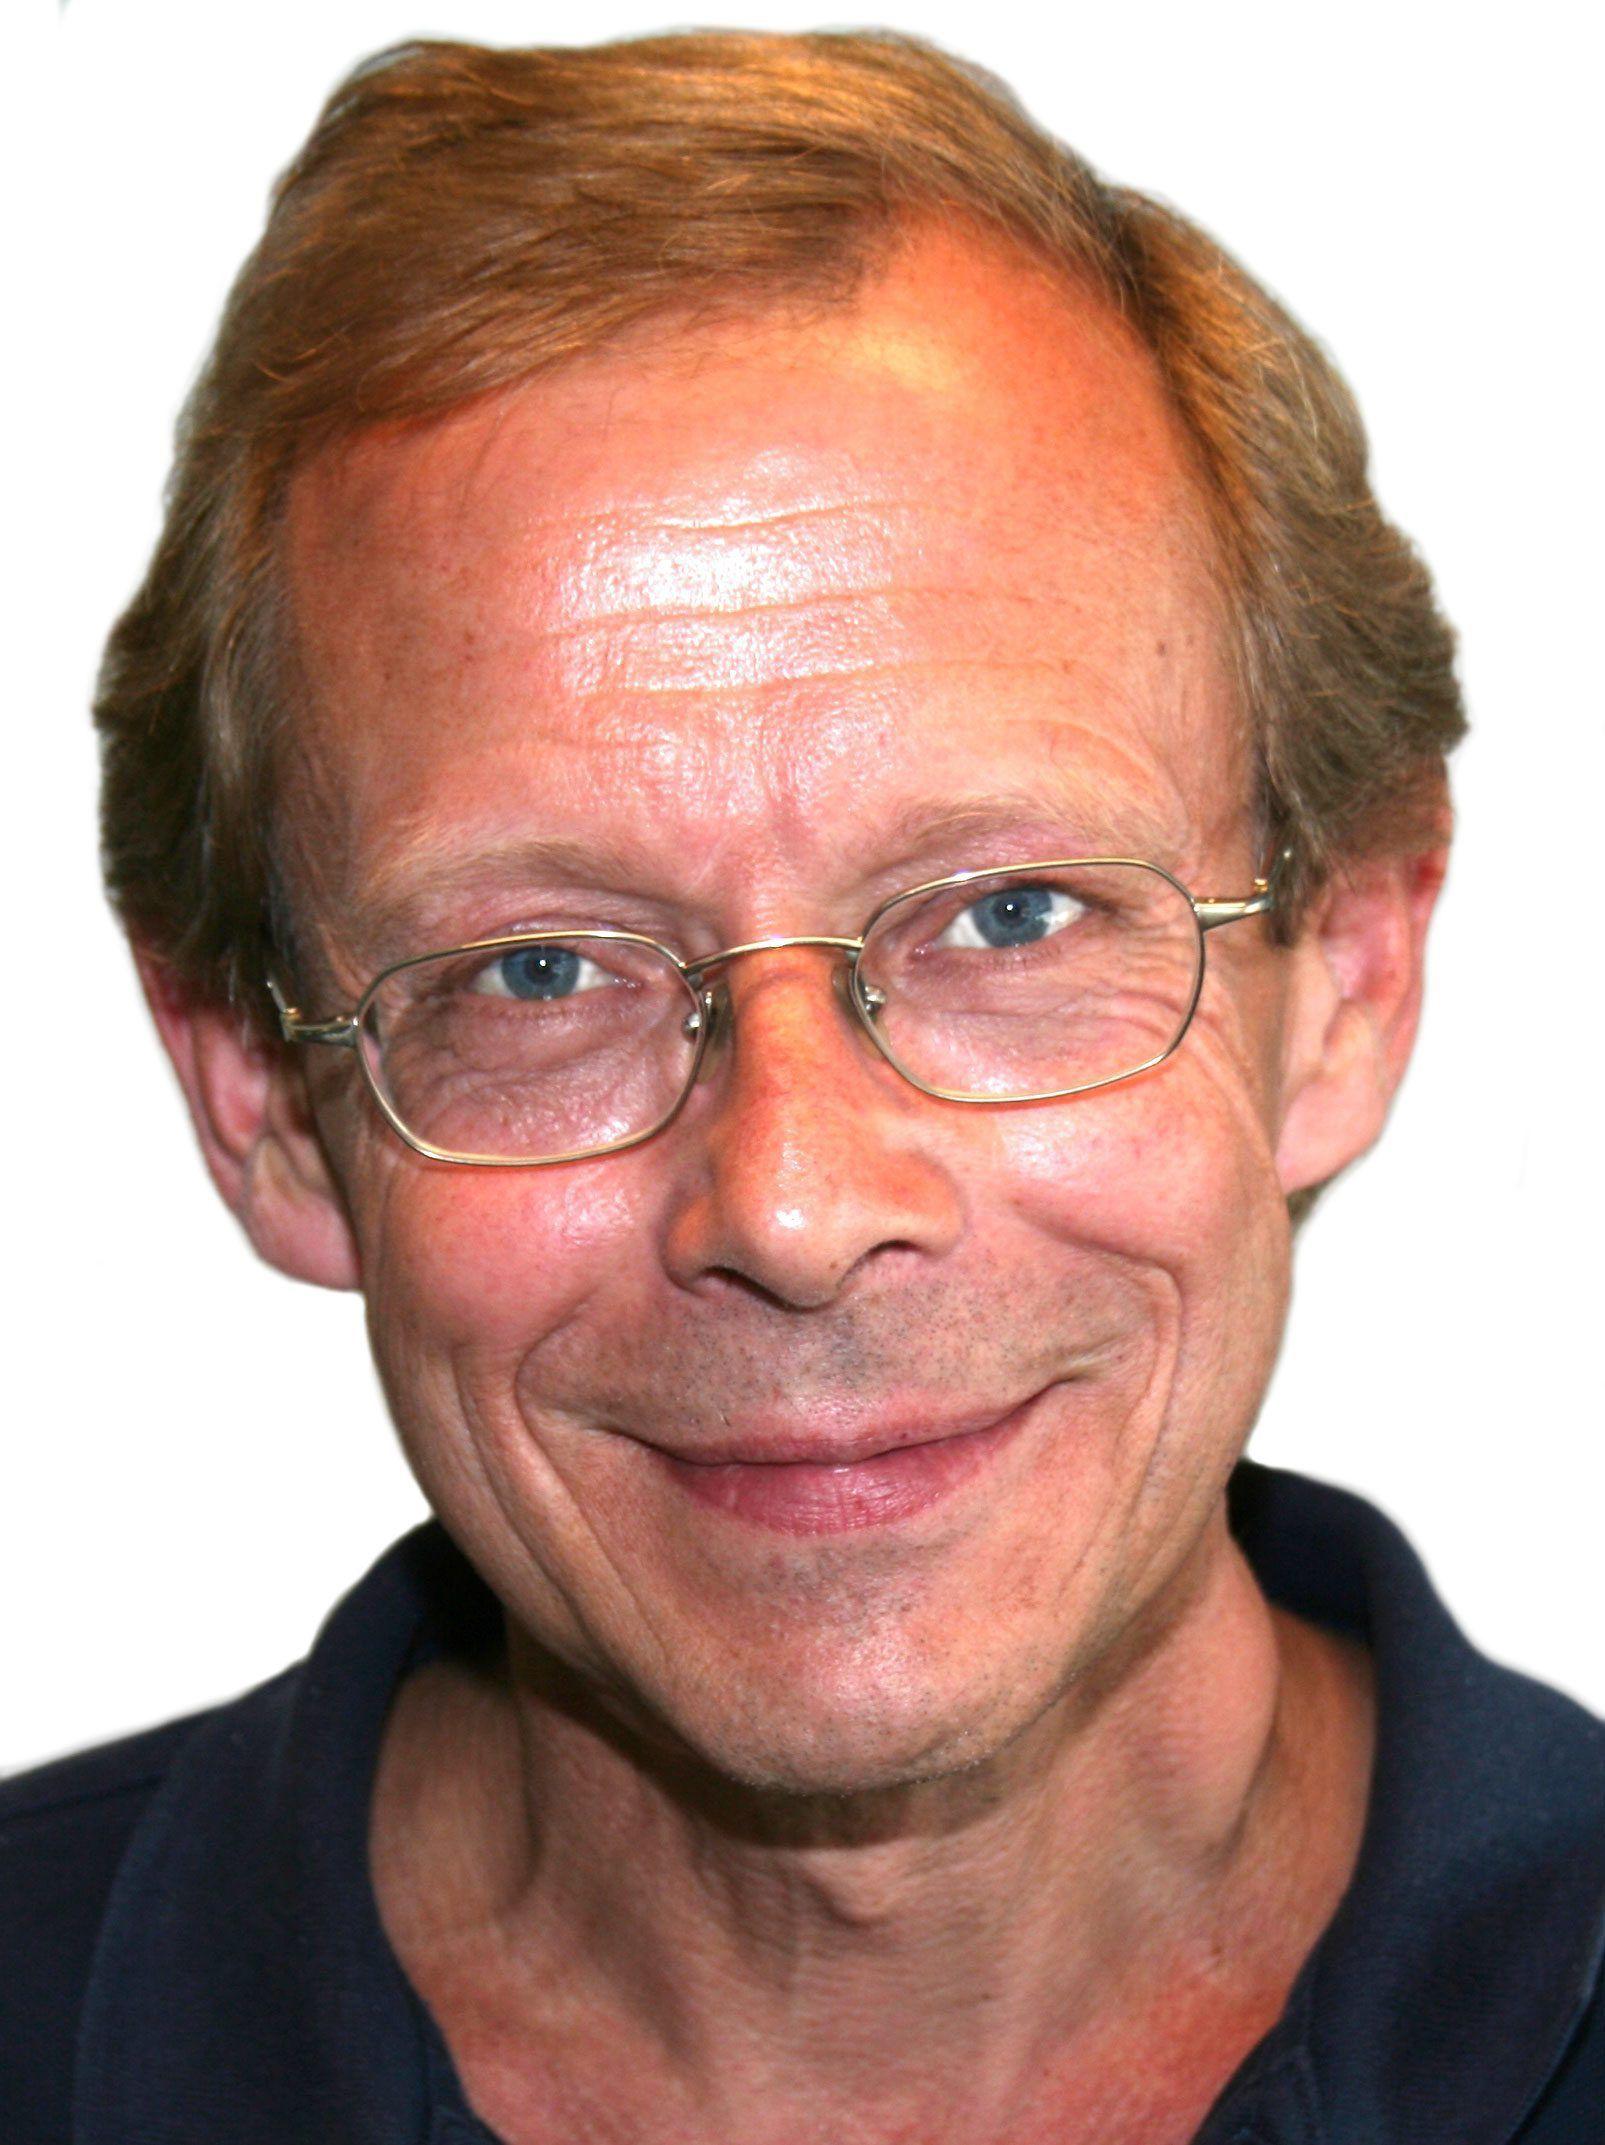 KINA-RÅDGIVER: Kina kan få en lederrolle innen kampen mot klimaendringer, mener seniorforsker Knut H. Alfsen ved Cicero senter for klimaforskning.